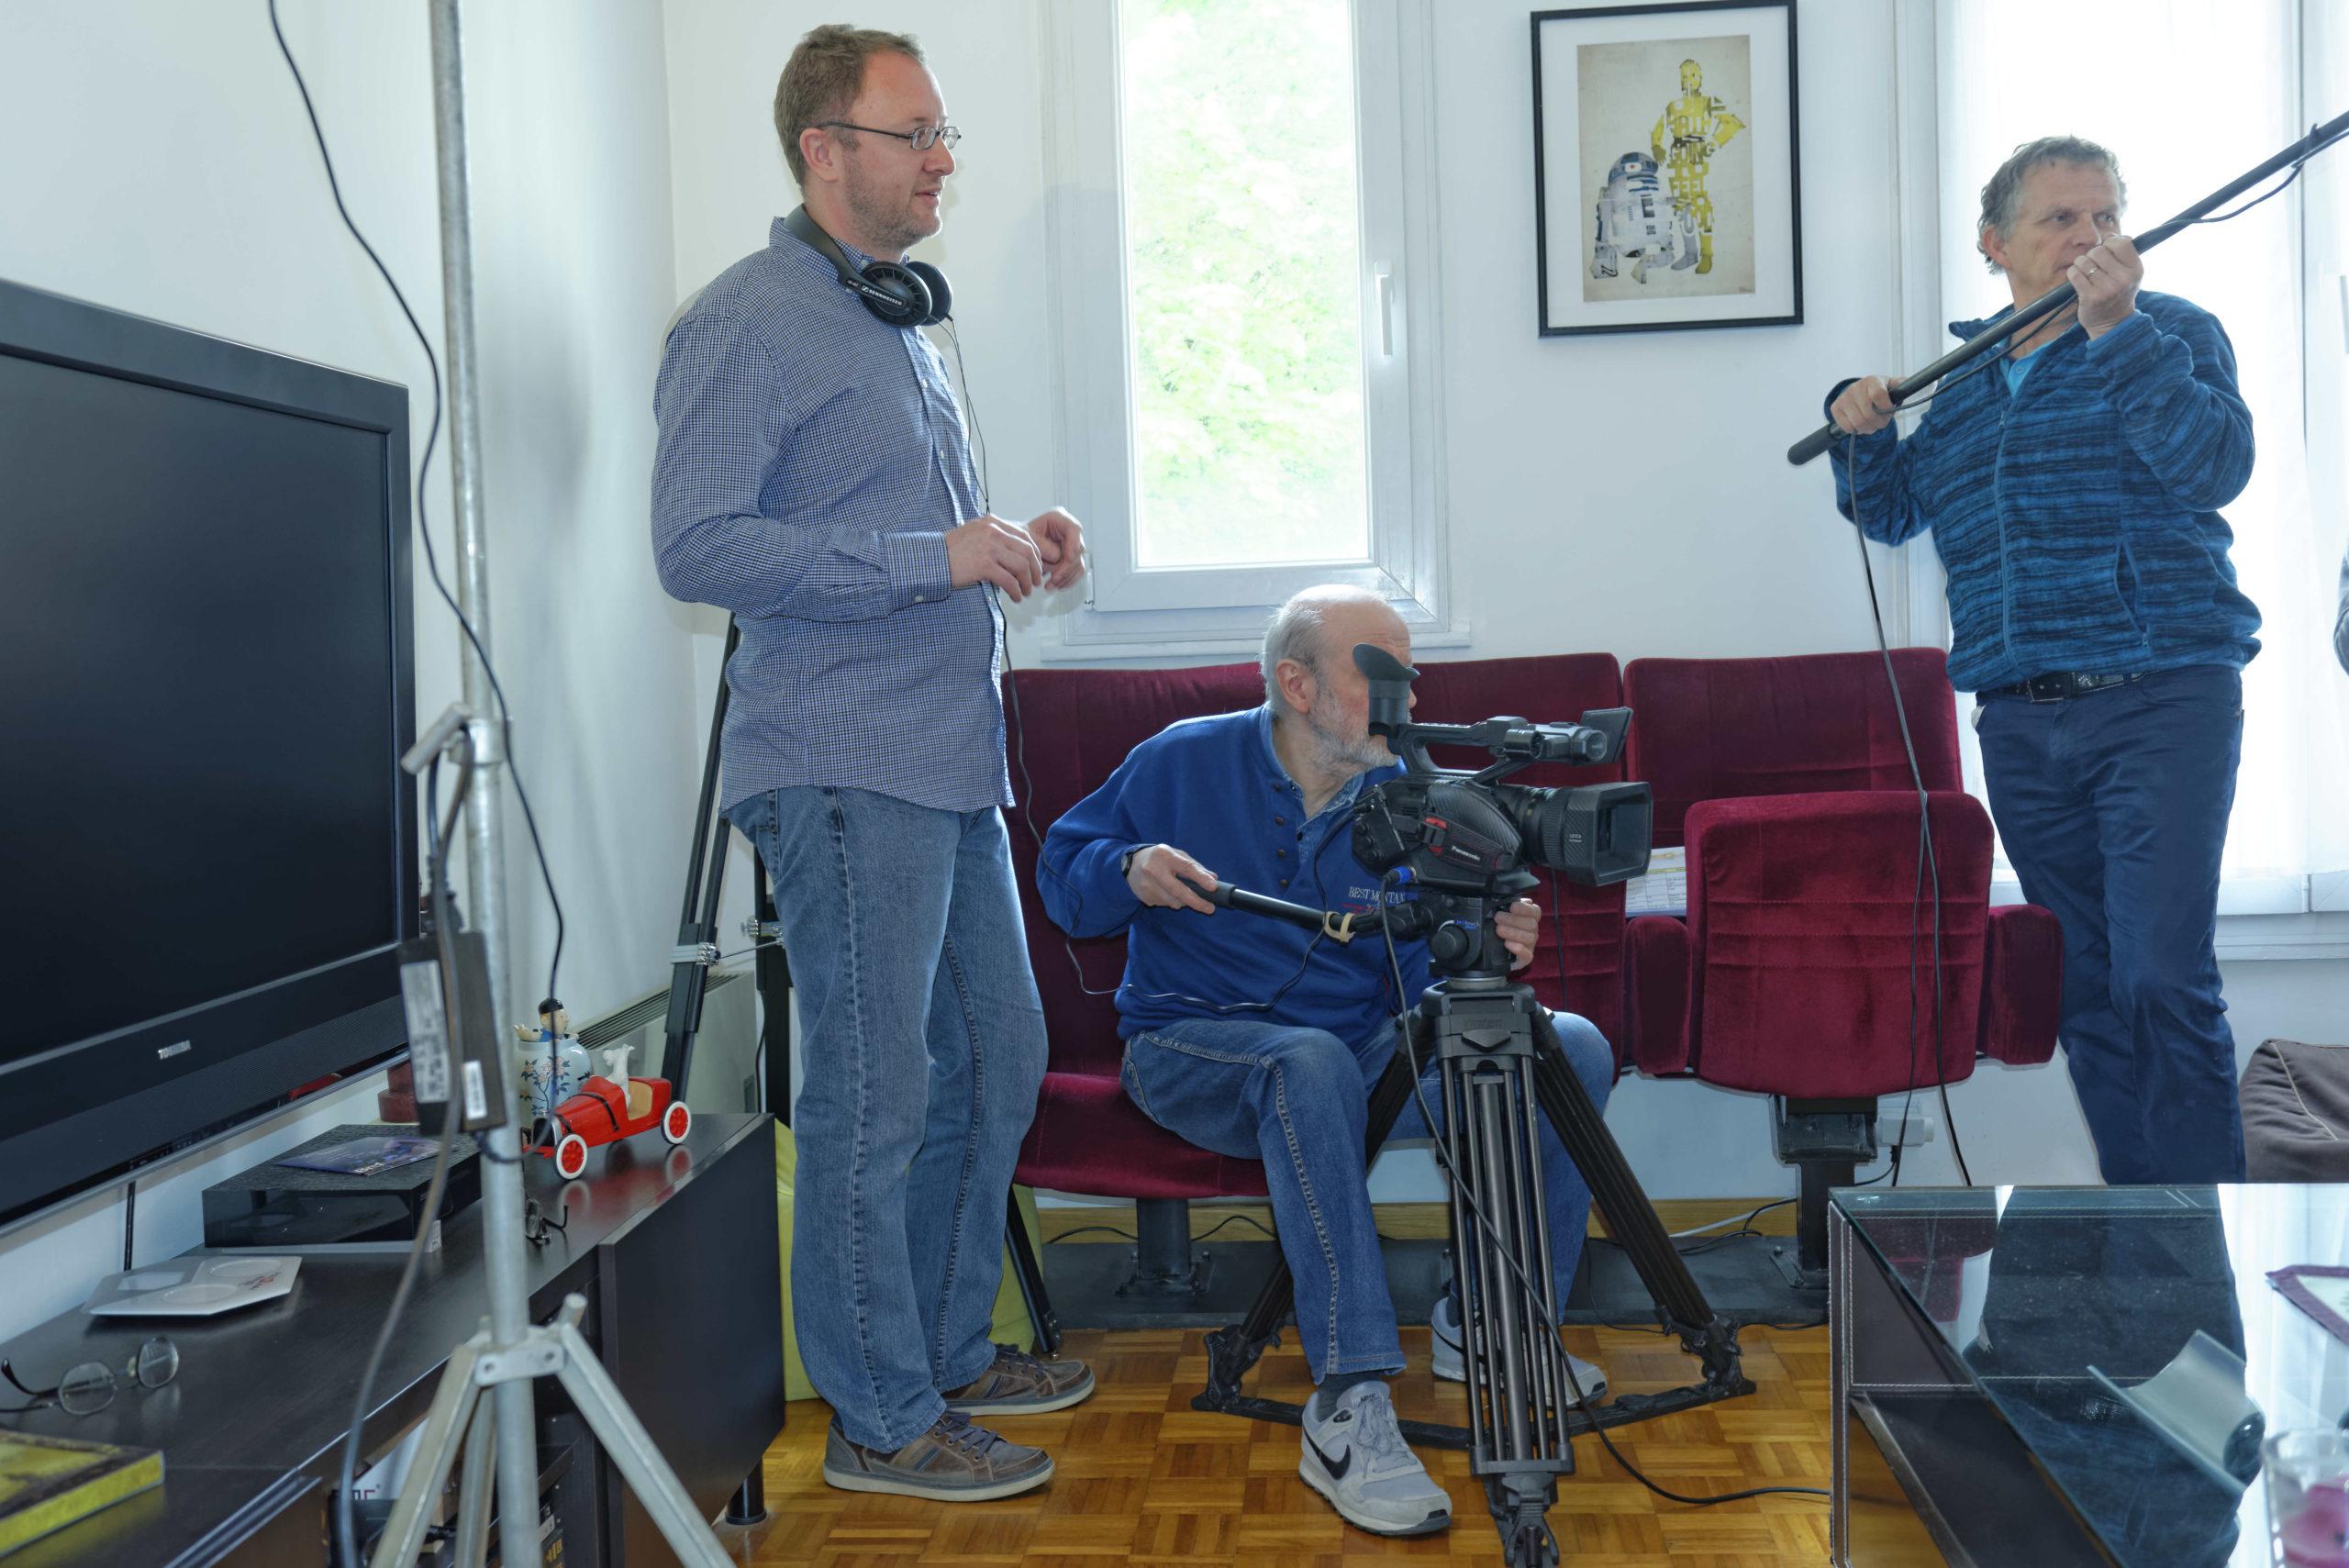 Pere et impair photos tournage 13